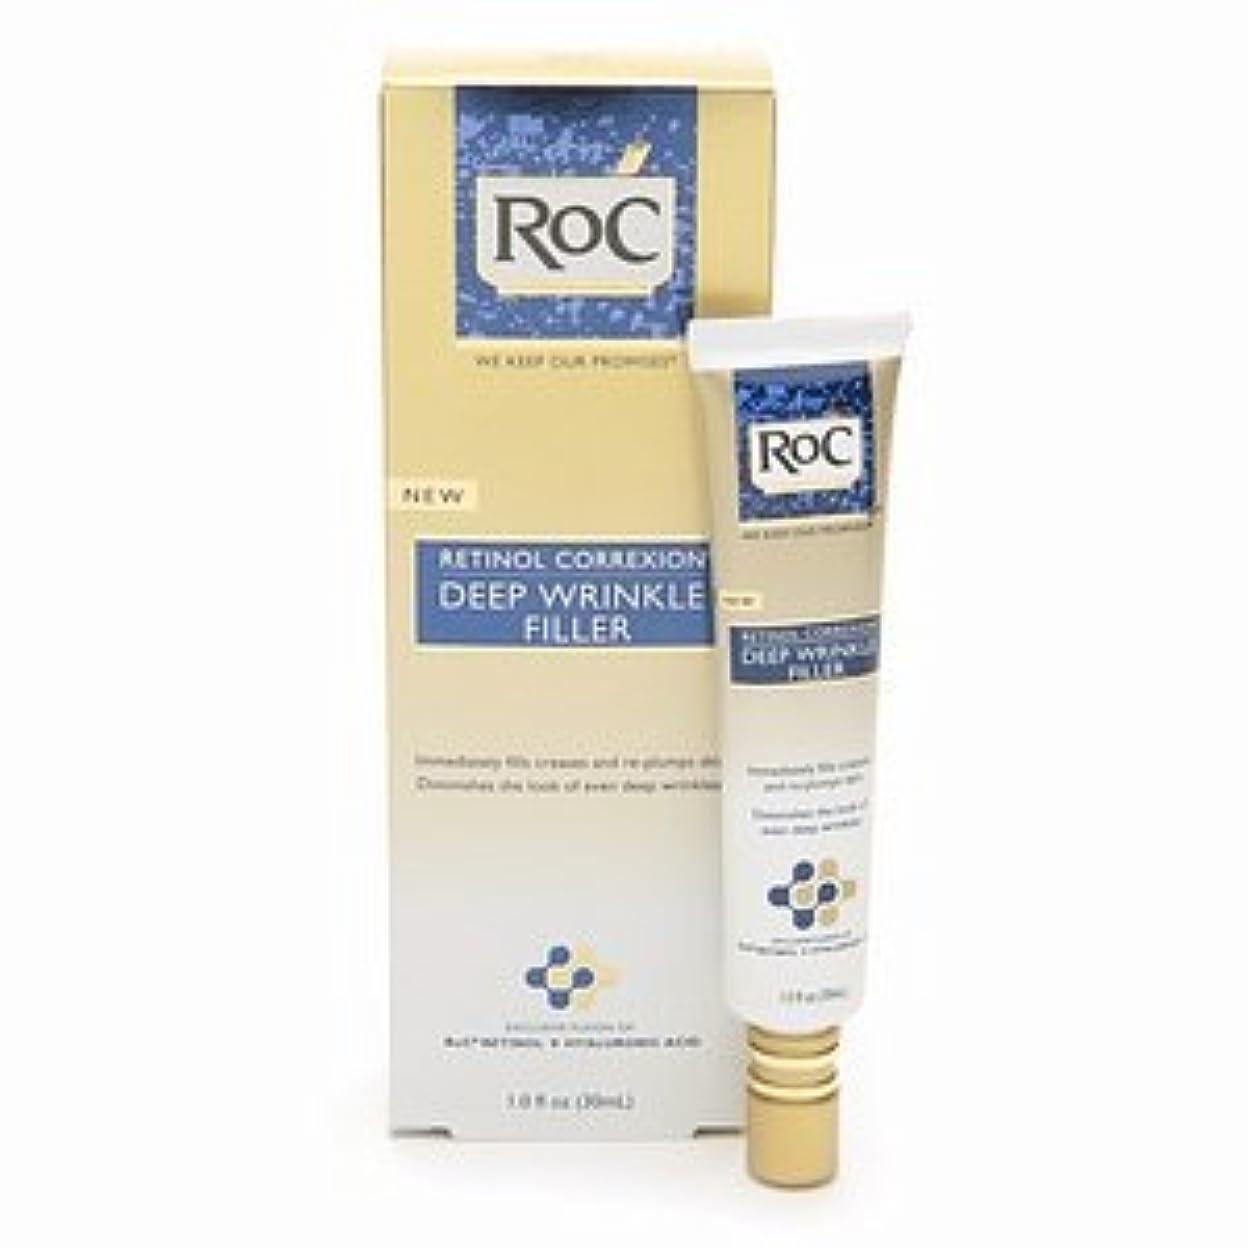 別にバリー脱獄RoC レチノール コレクション ディープリンクル フィラー RoC Retinol Correxion Deep Wrinkle Filler